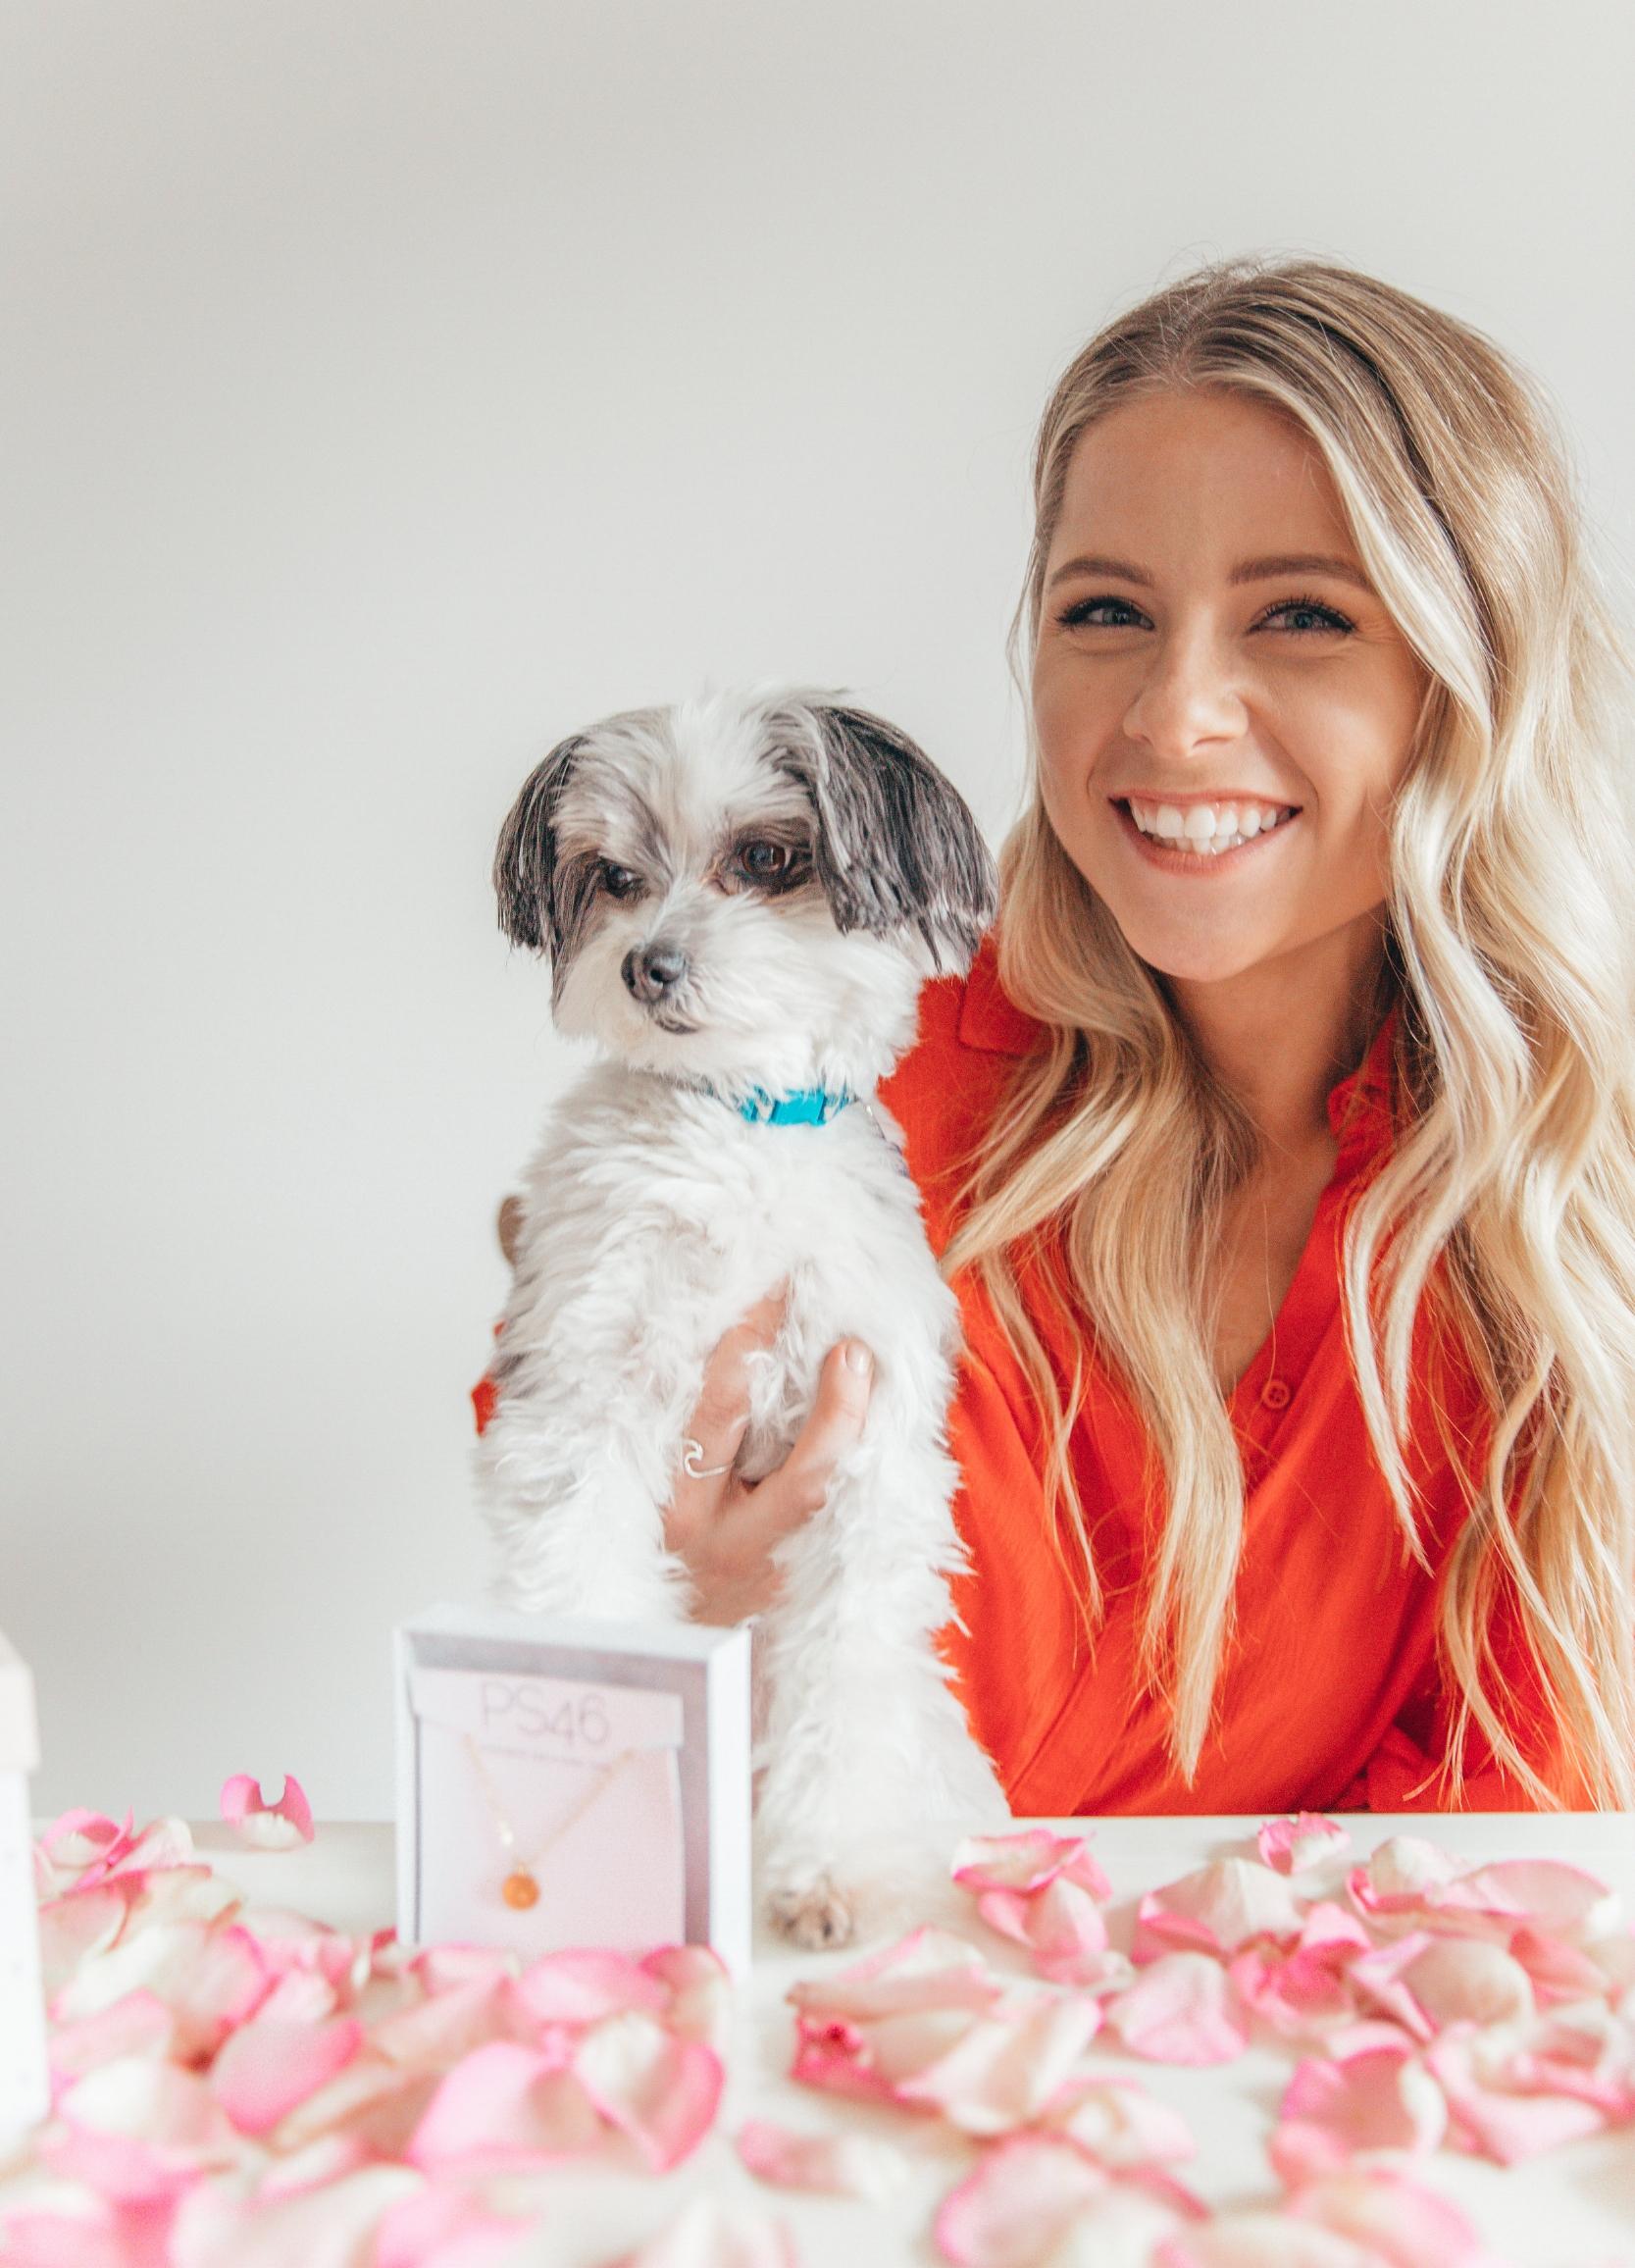 bridesmaid gifts-3.jpg